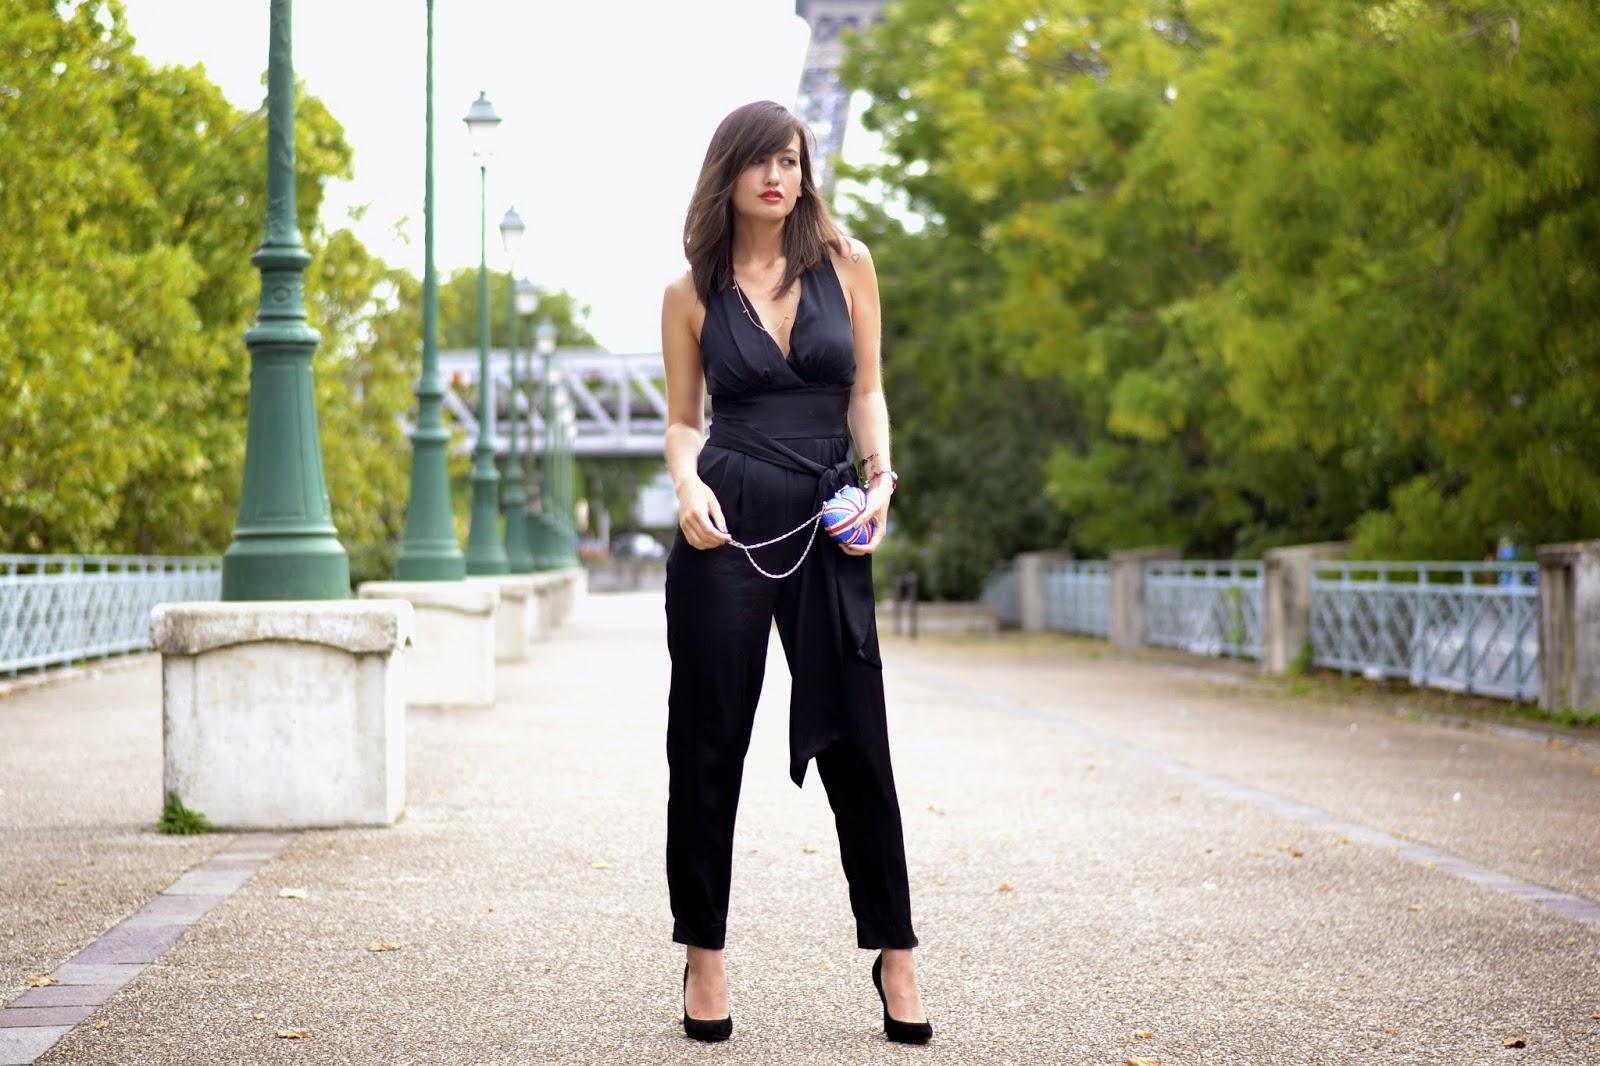 黑色连身裤